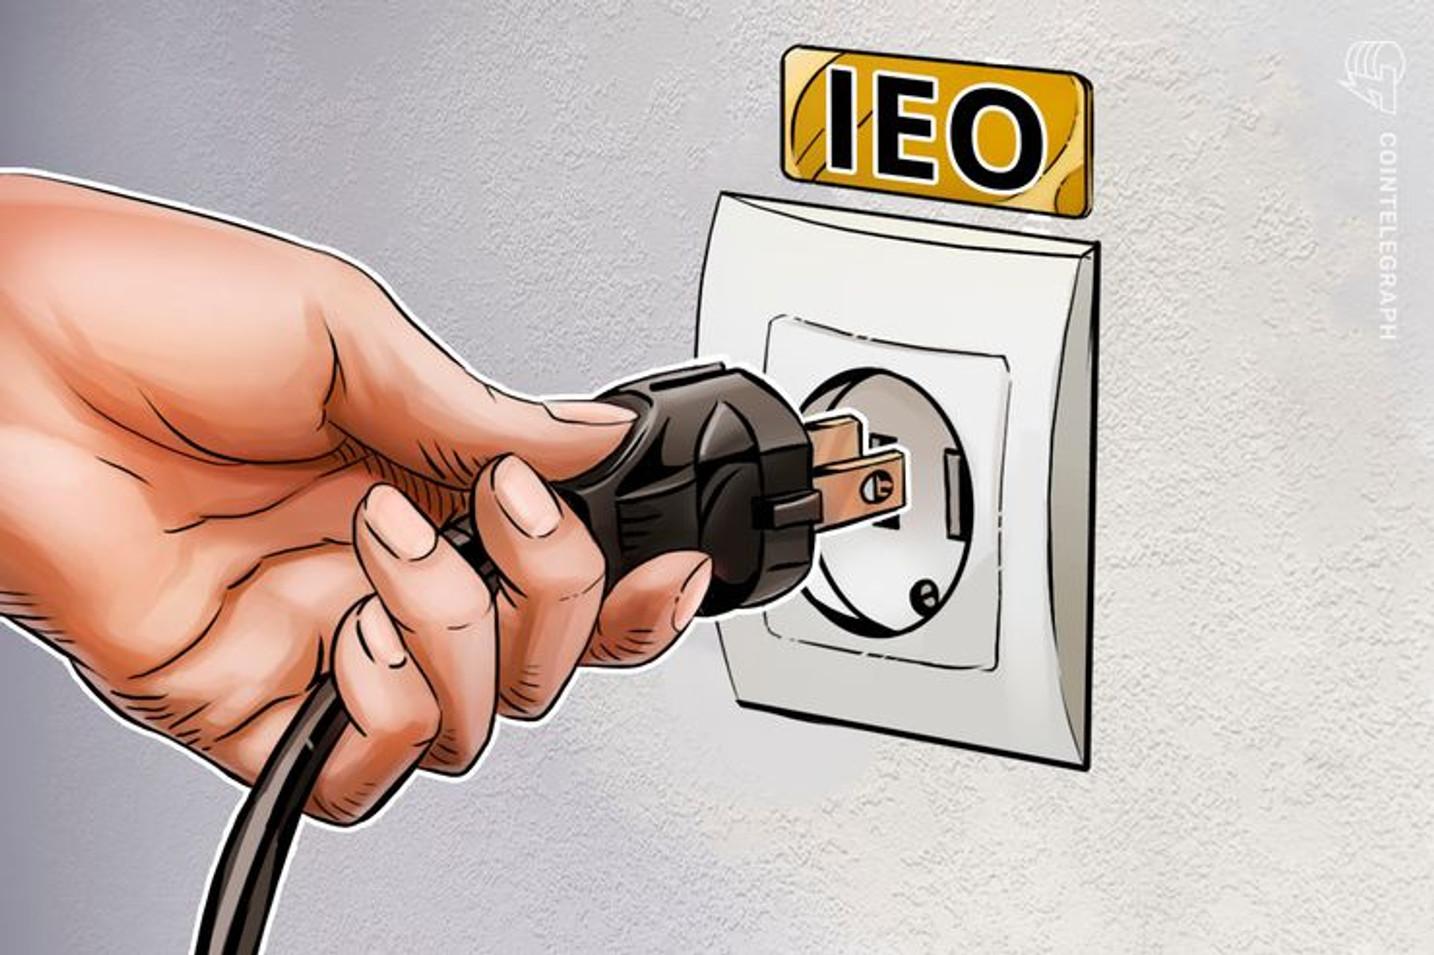 México: la firma Uulala anunció la primer IEO de Latinoamérica en el exchange Kapytal